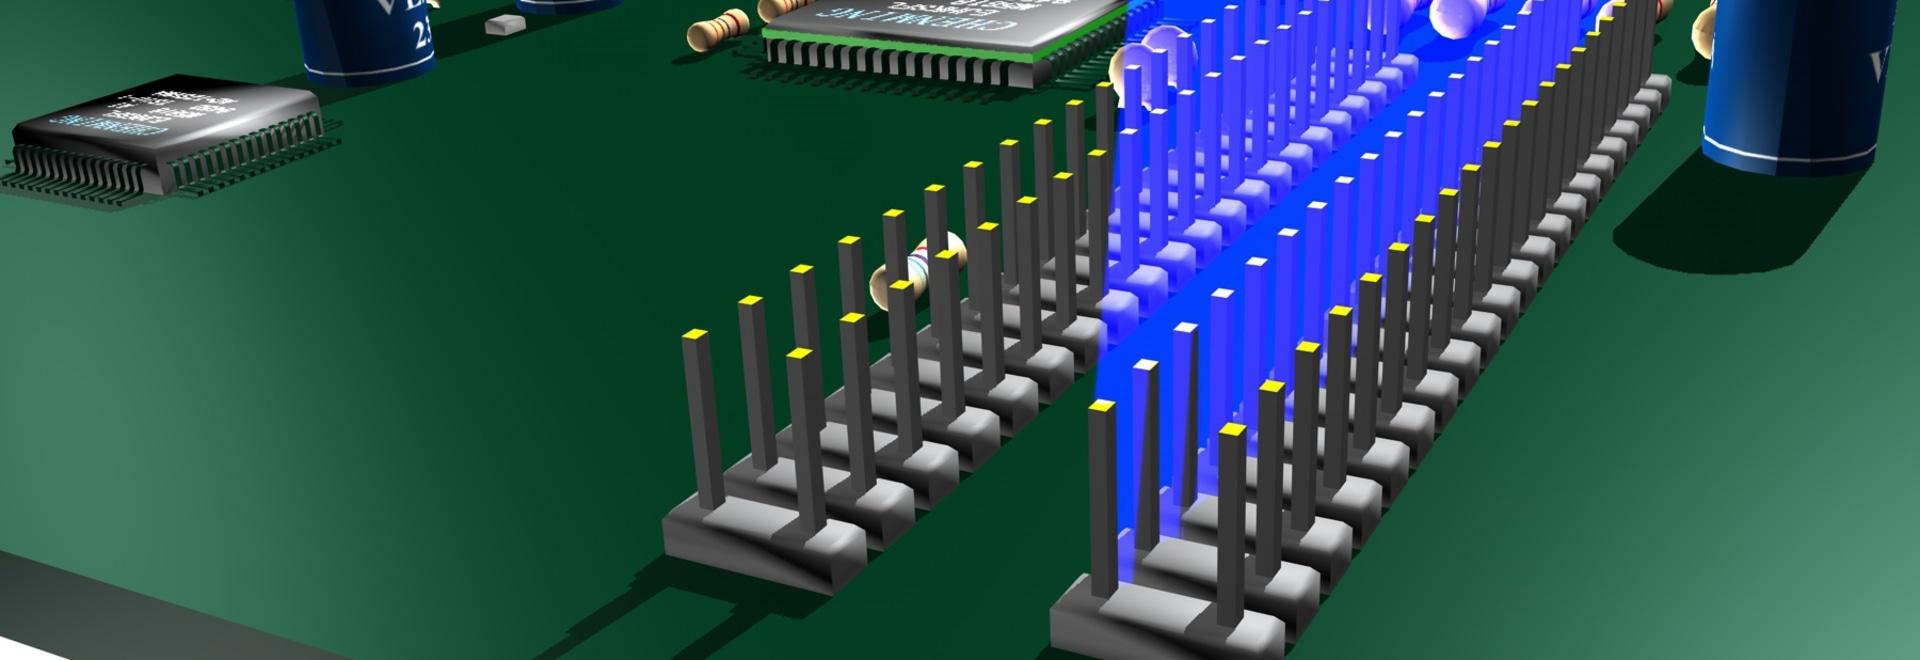 Überprüfung von Pin Alignment in der Produktion von Elektronik